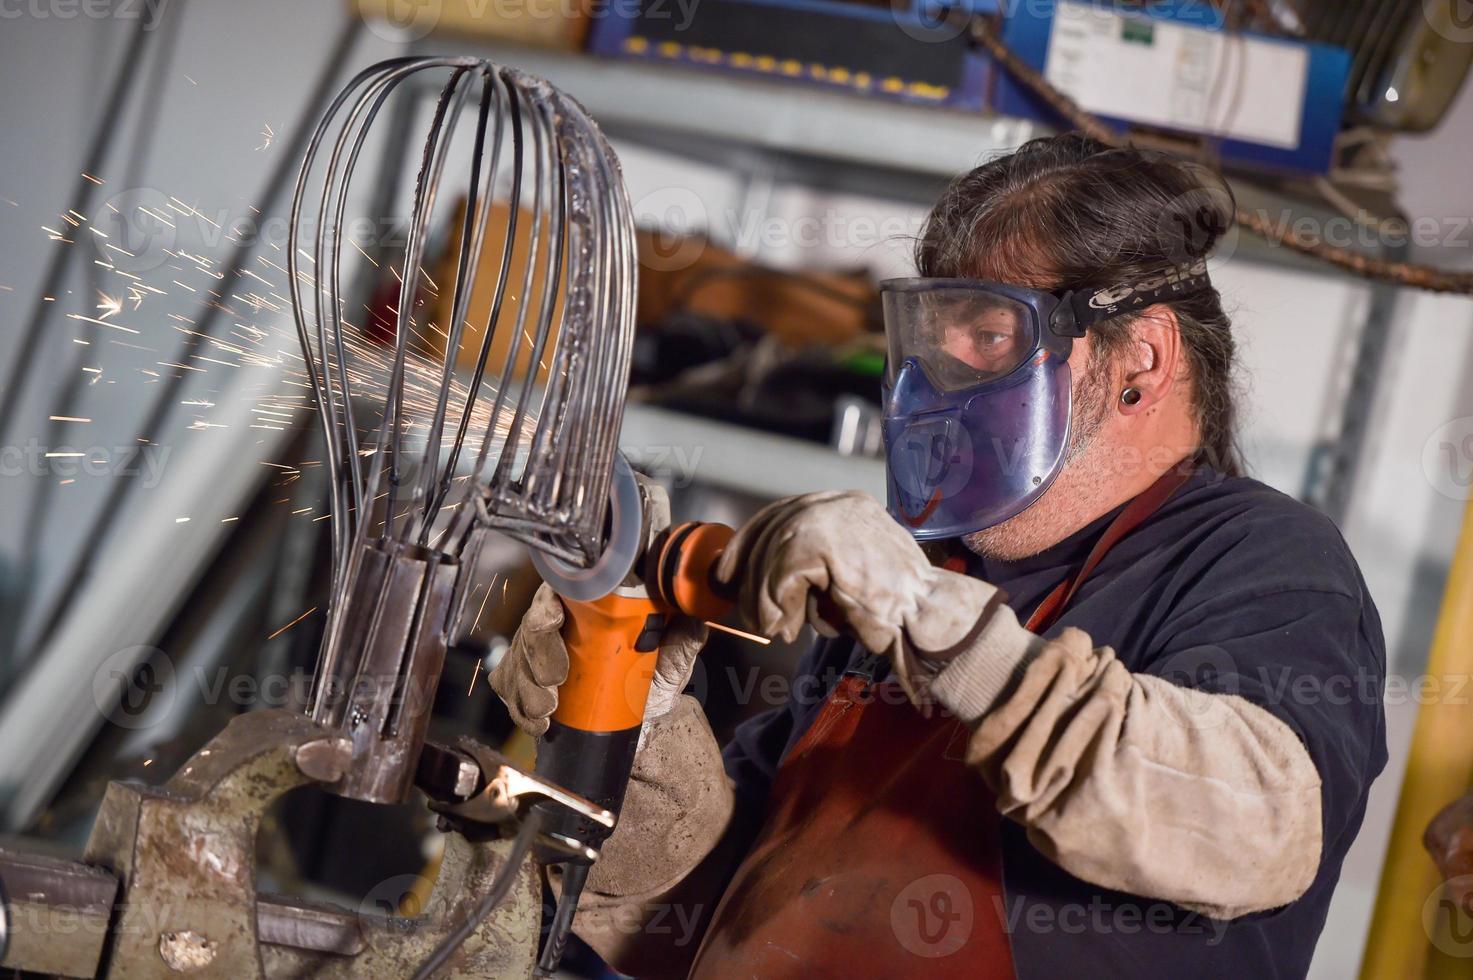 operaio metallurgico rettifica con scintille in officina foto